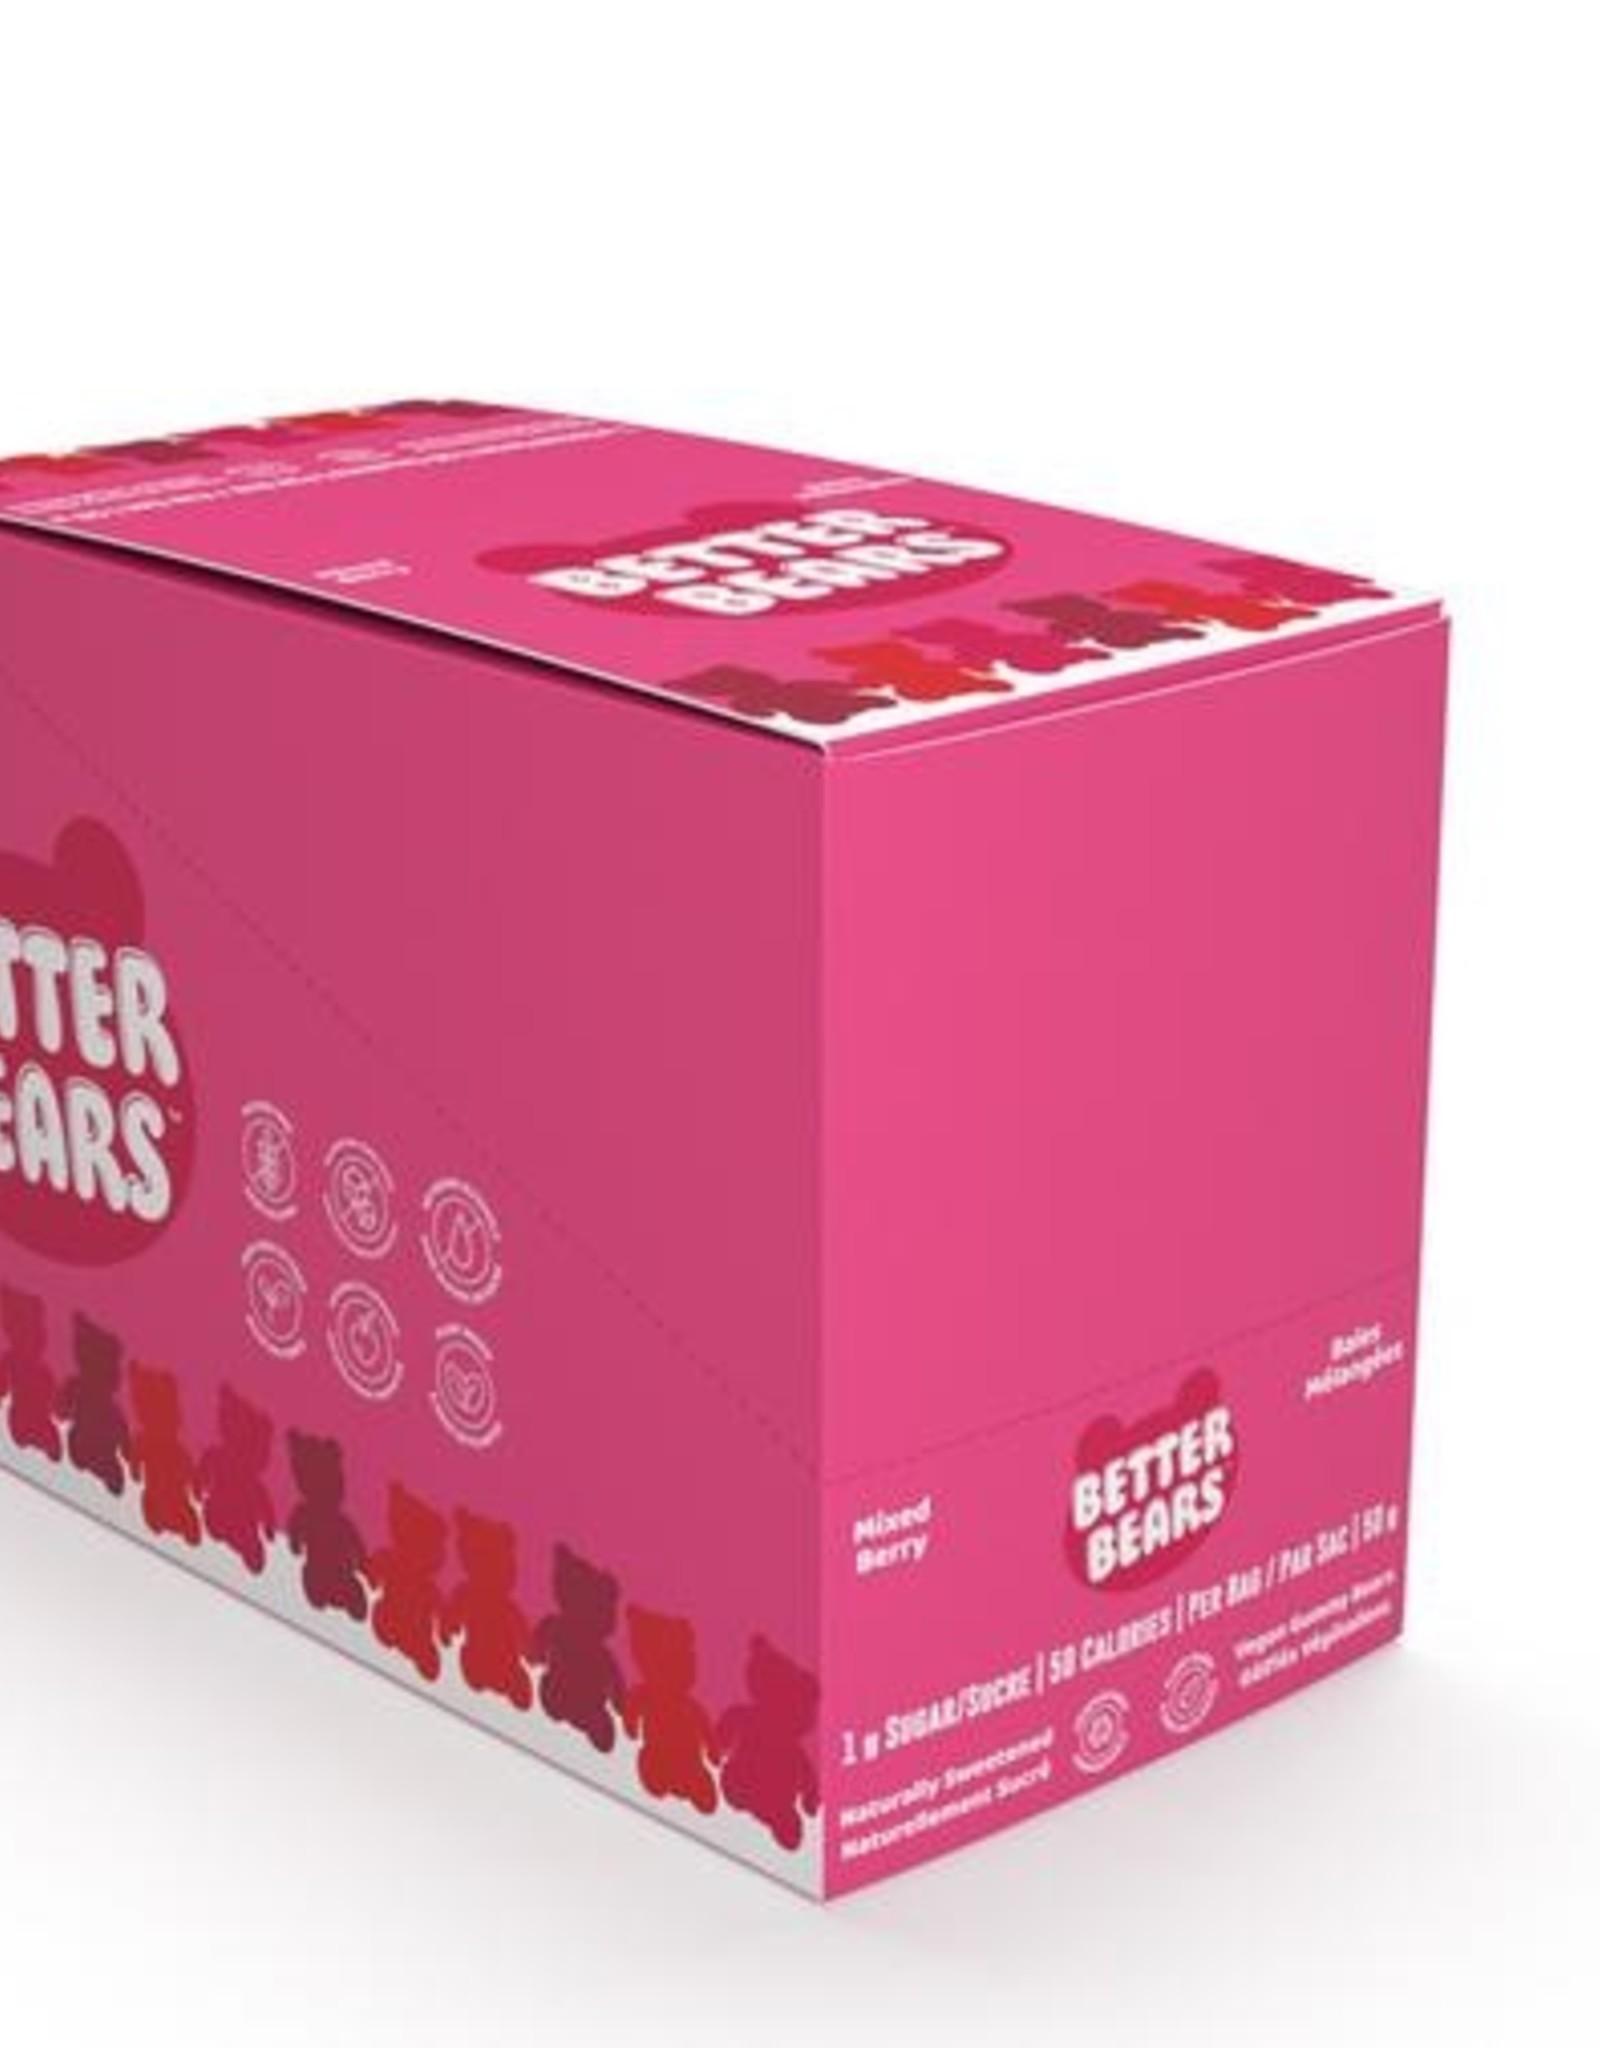 Better Bears Better Bears - Gummy Bears, Mixed Berry (12p)